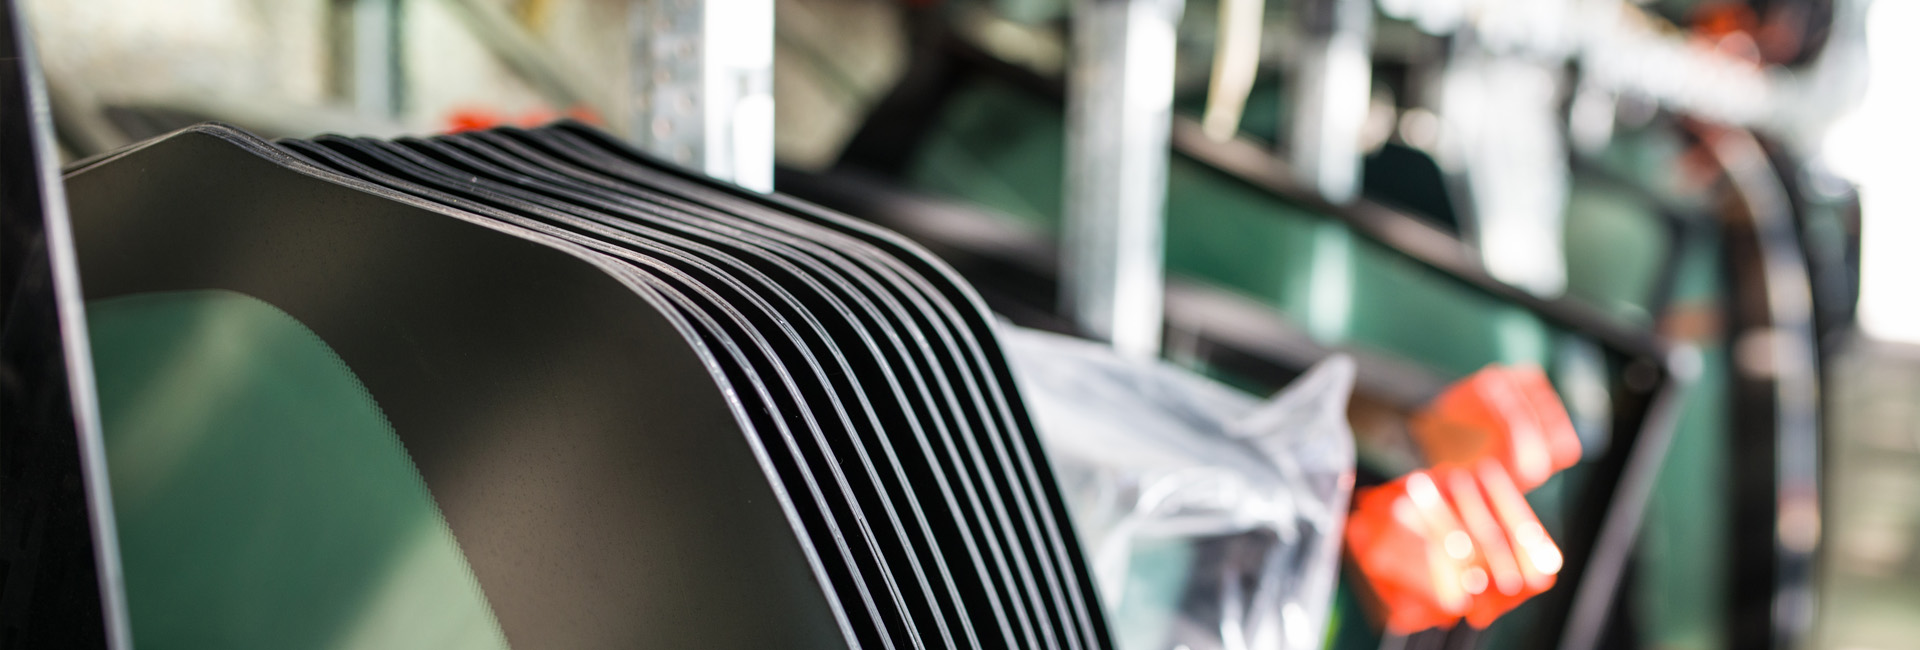 Crystal Drive guarnizioni per auto e veicoli industriali